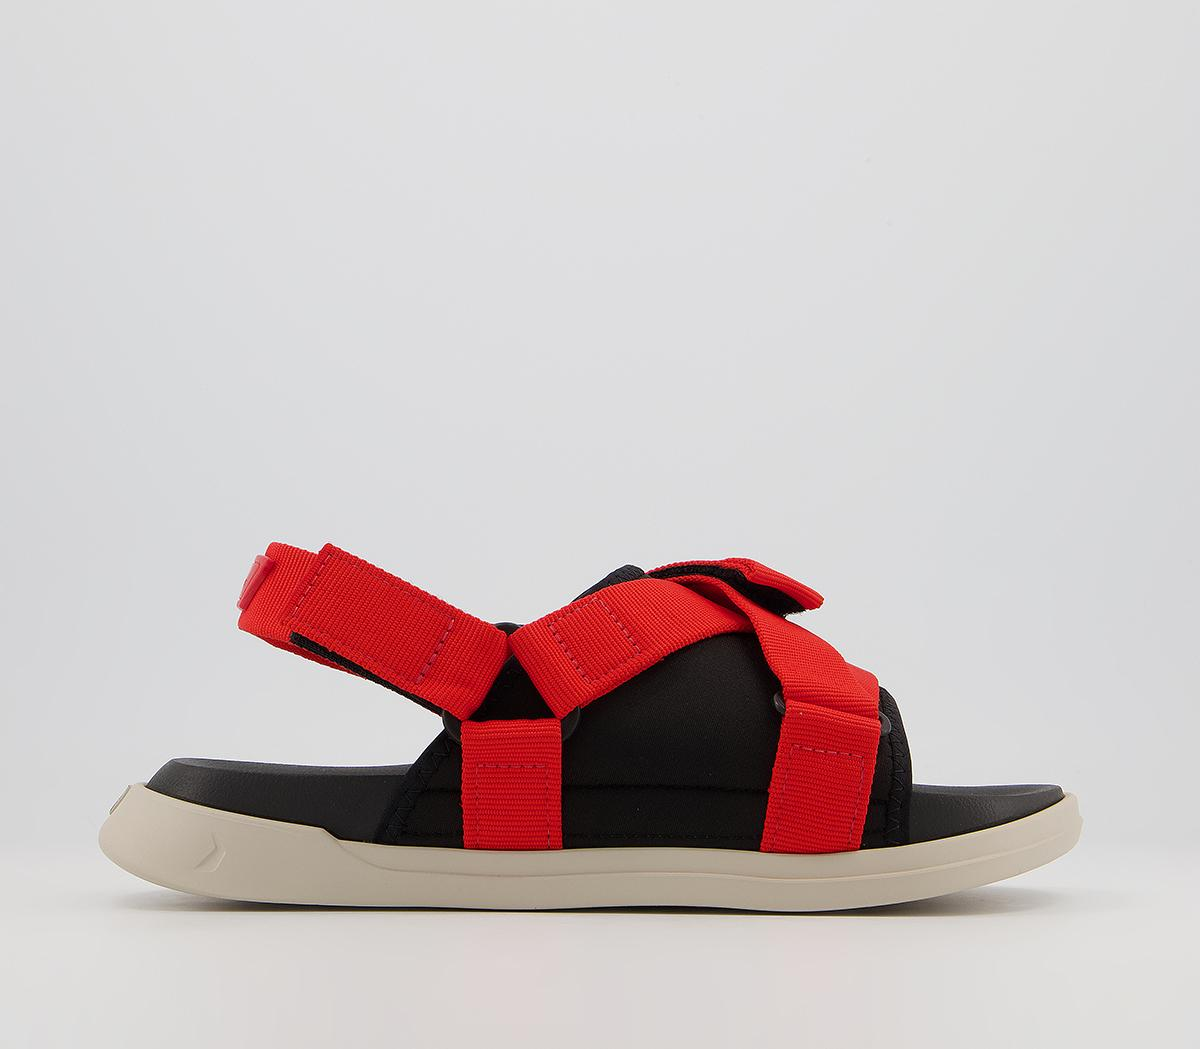 R Next 23 Sandals